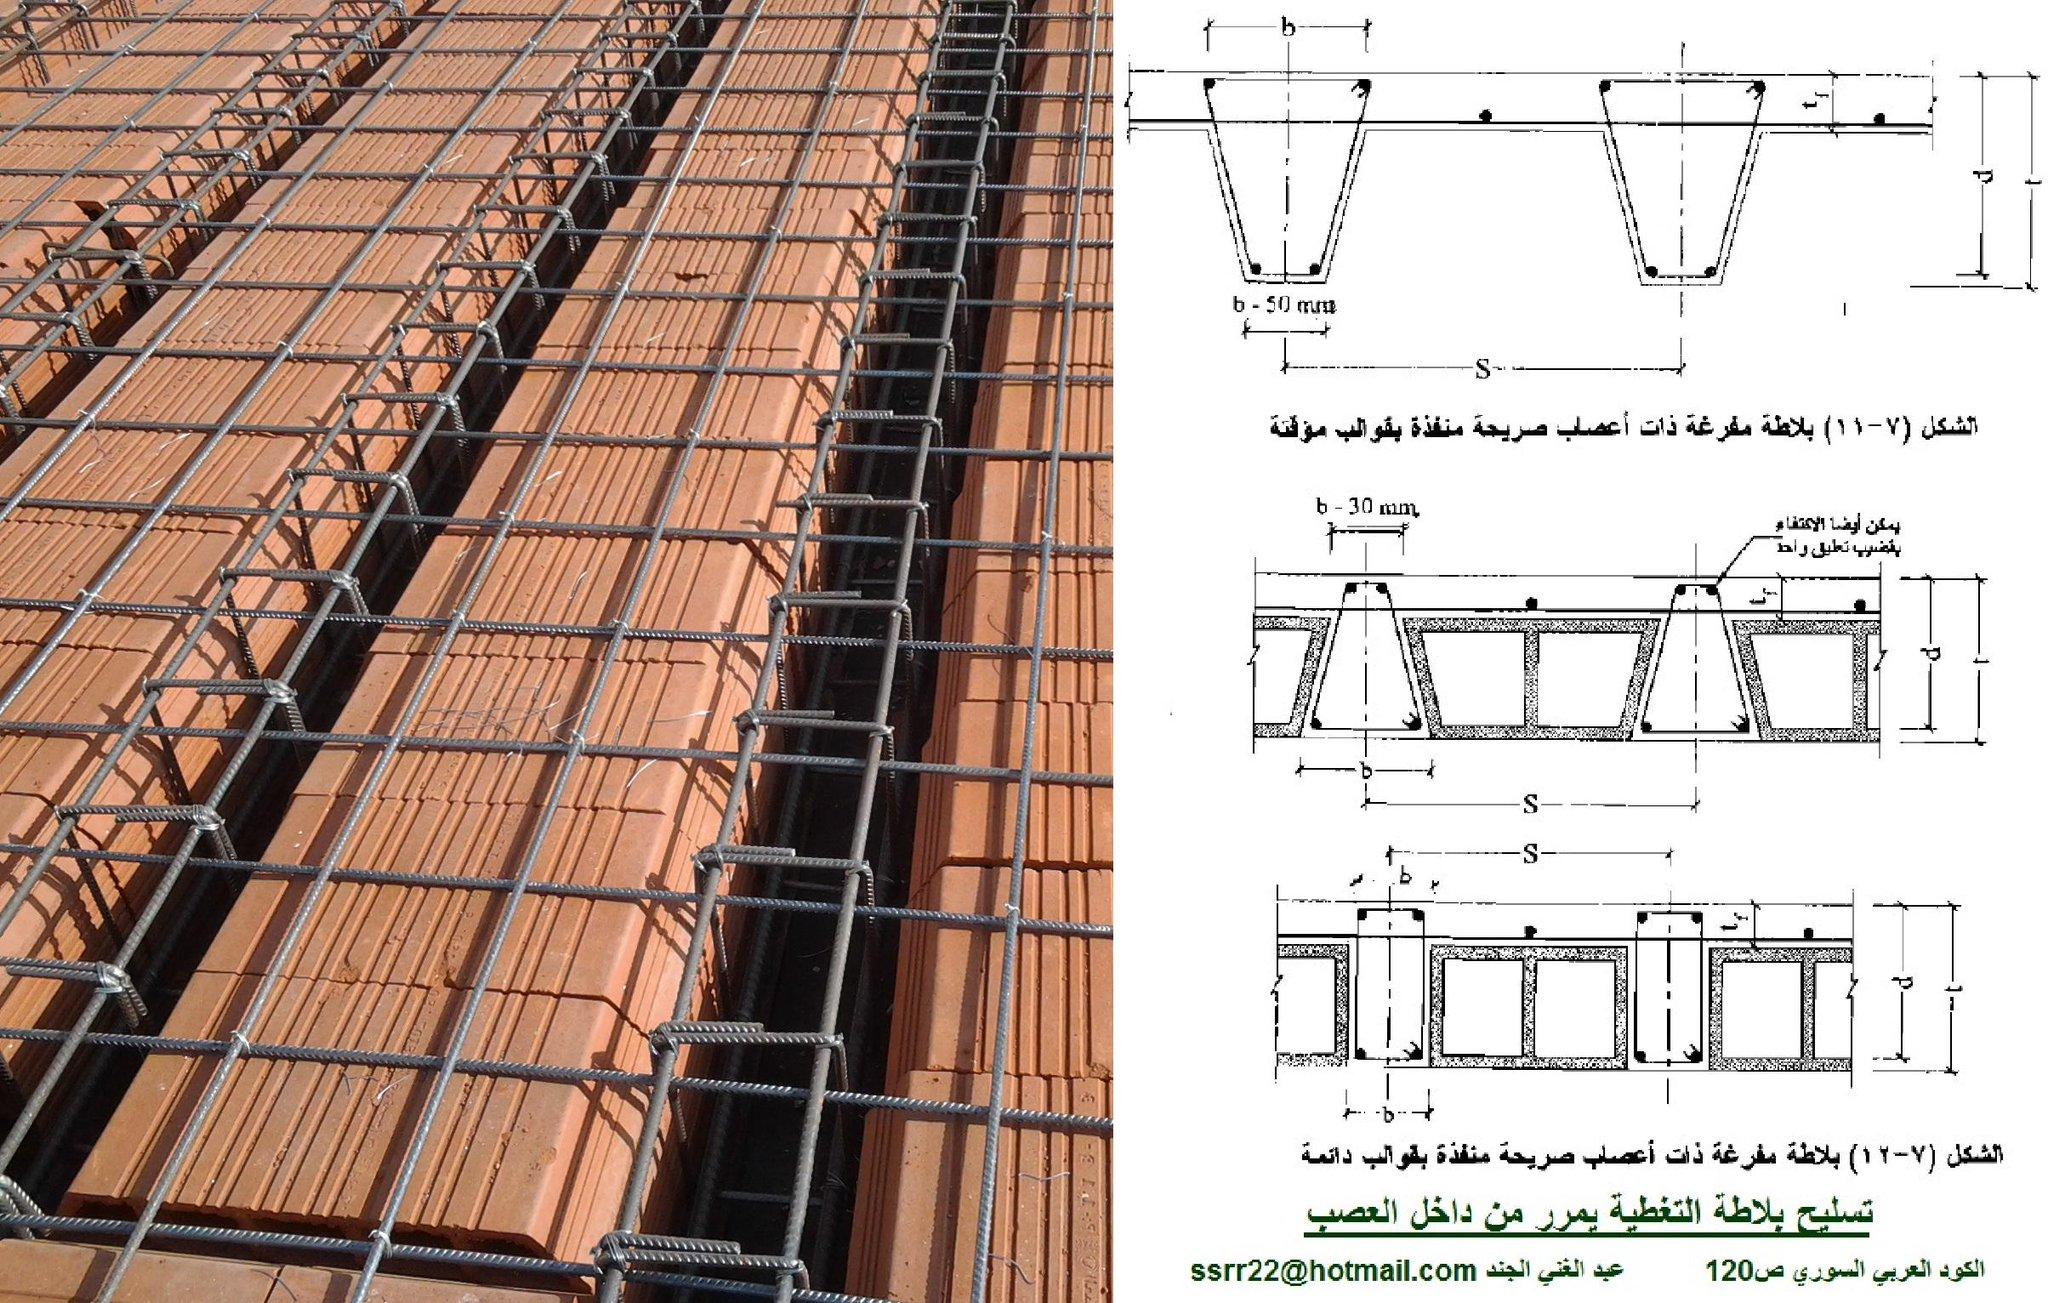 تحميل كتاب اخطاء في البناء عبدالغني الجند pdf مجانا